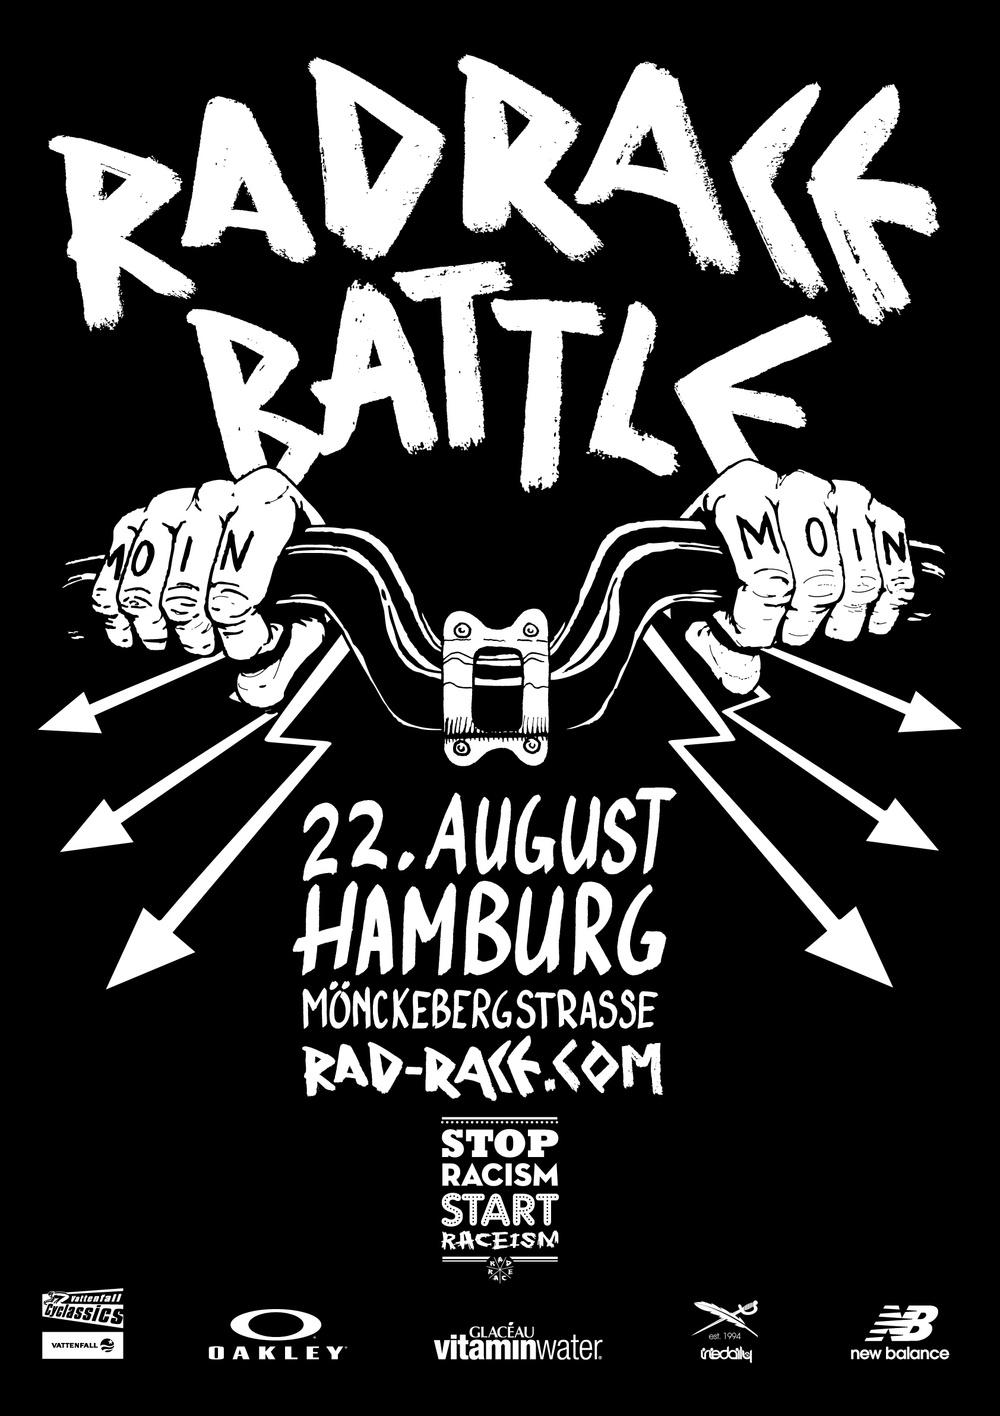 Das offizielle Poster gibts for free für alle fahrer und als shirt mit starter kit 2.